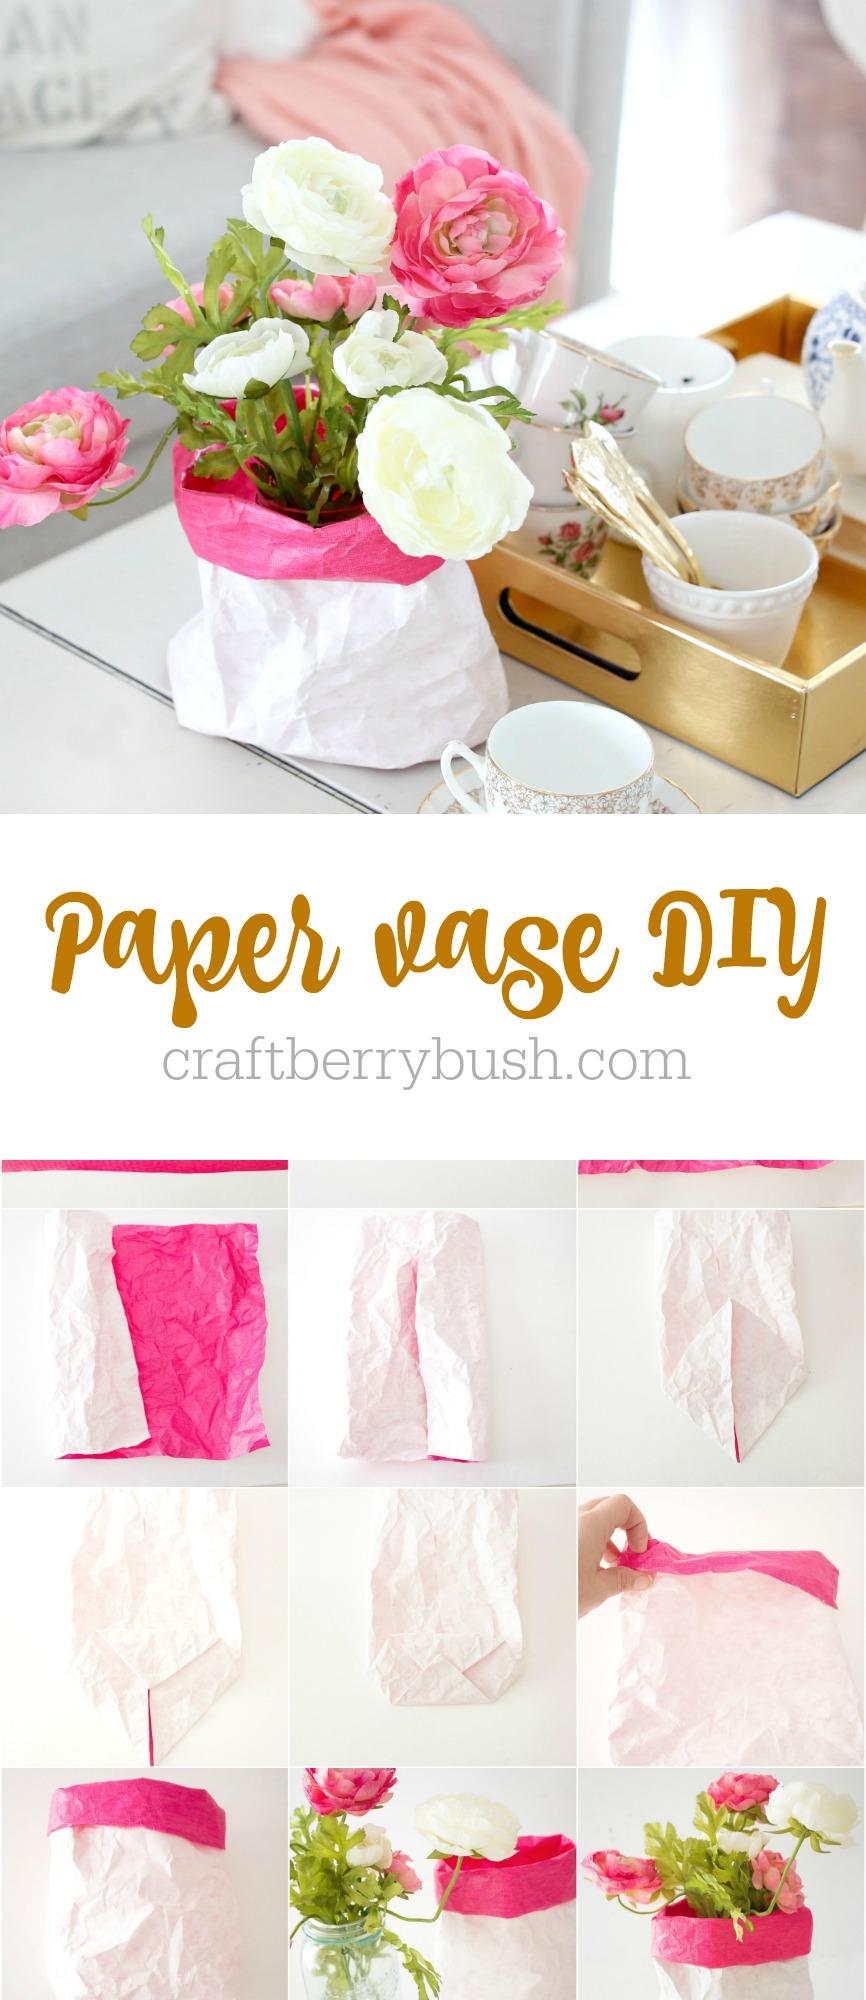 papervasediy